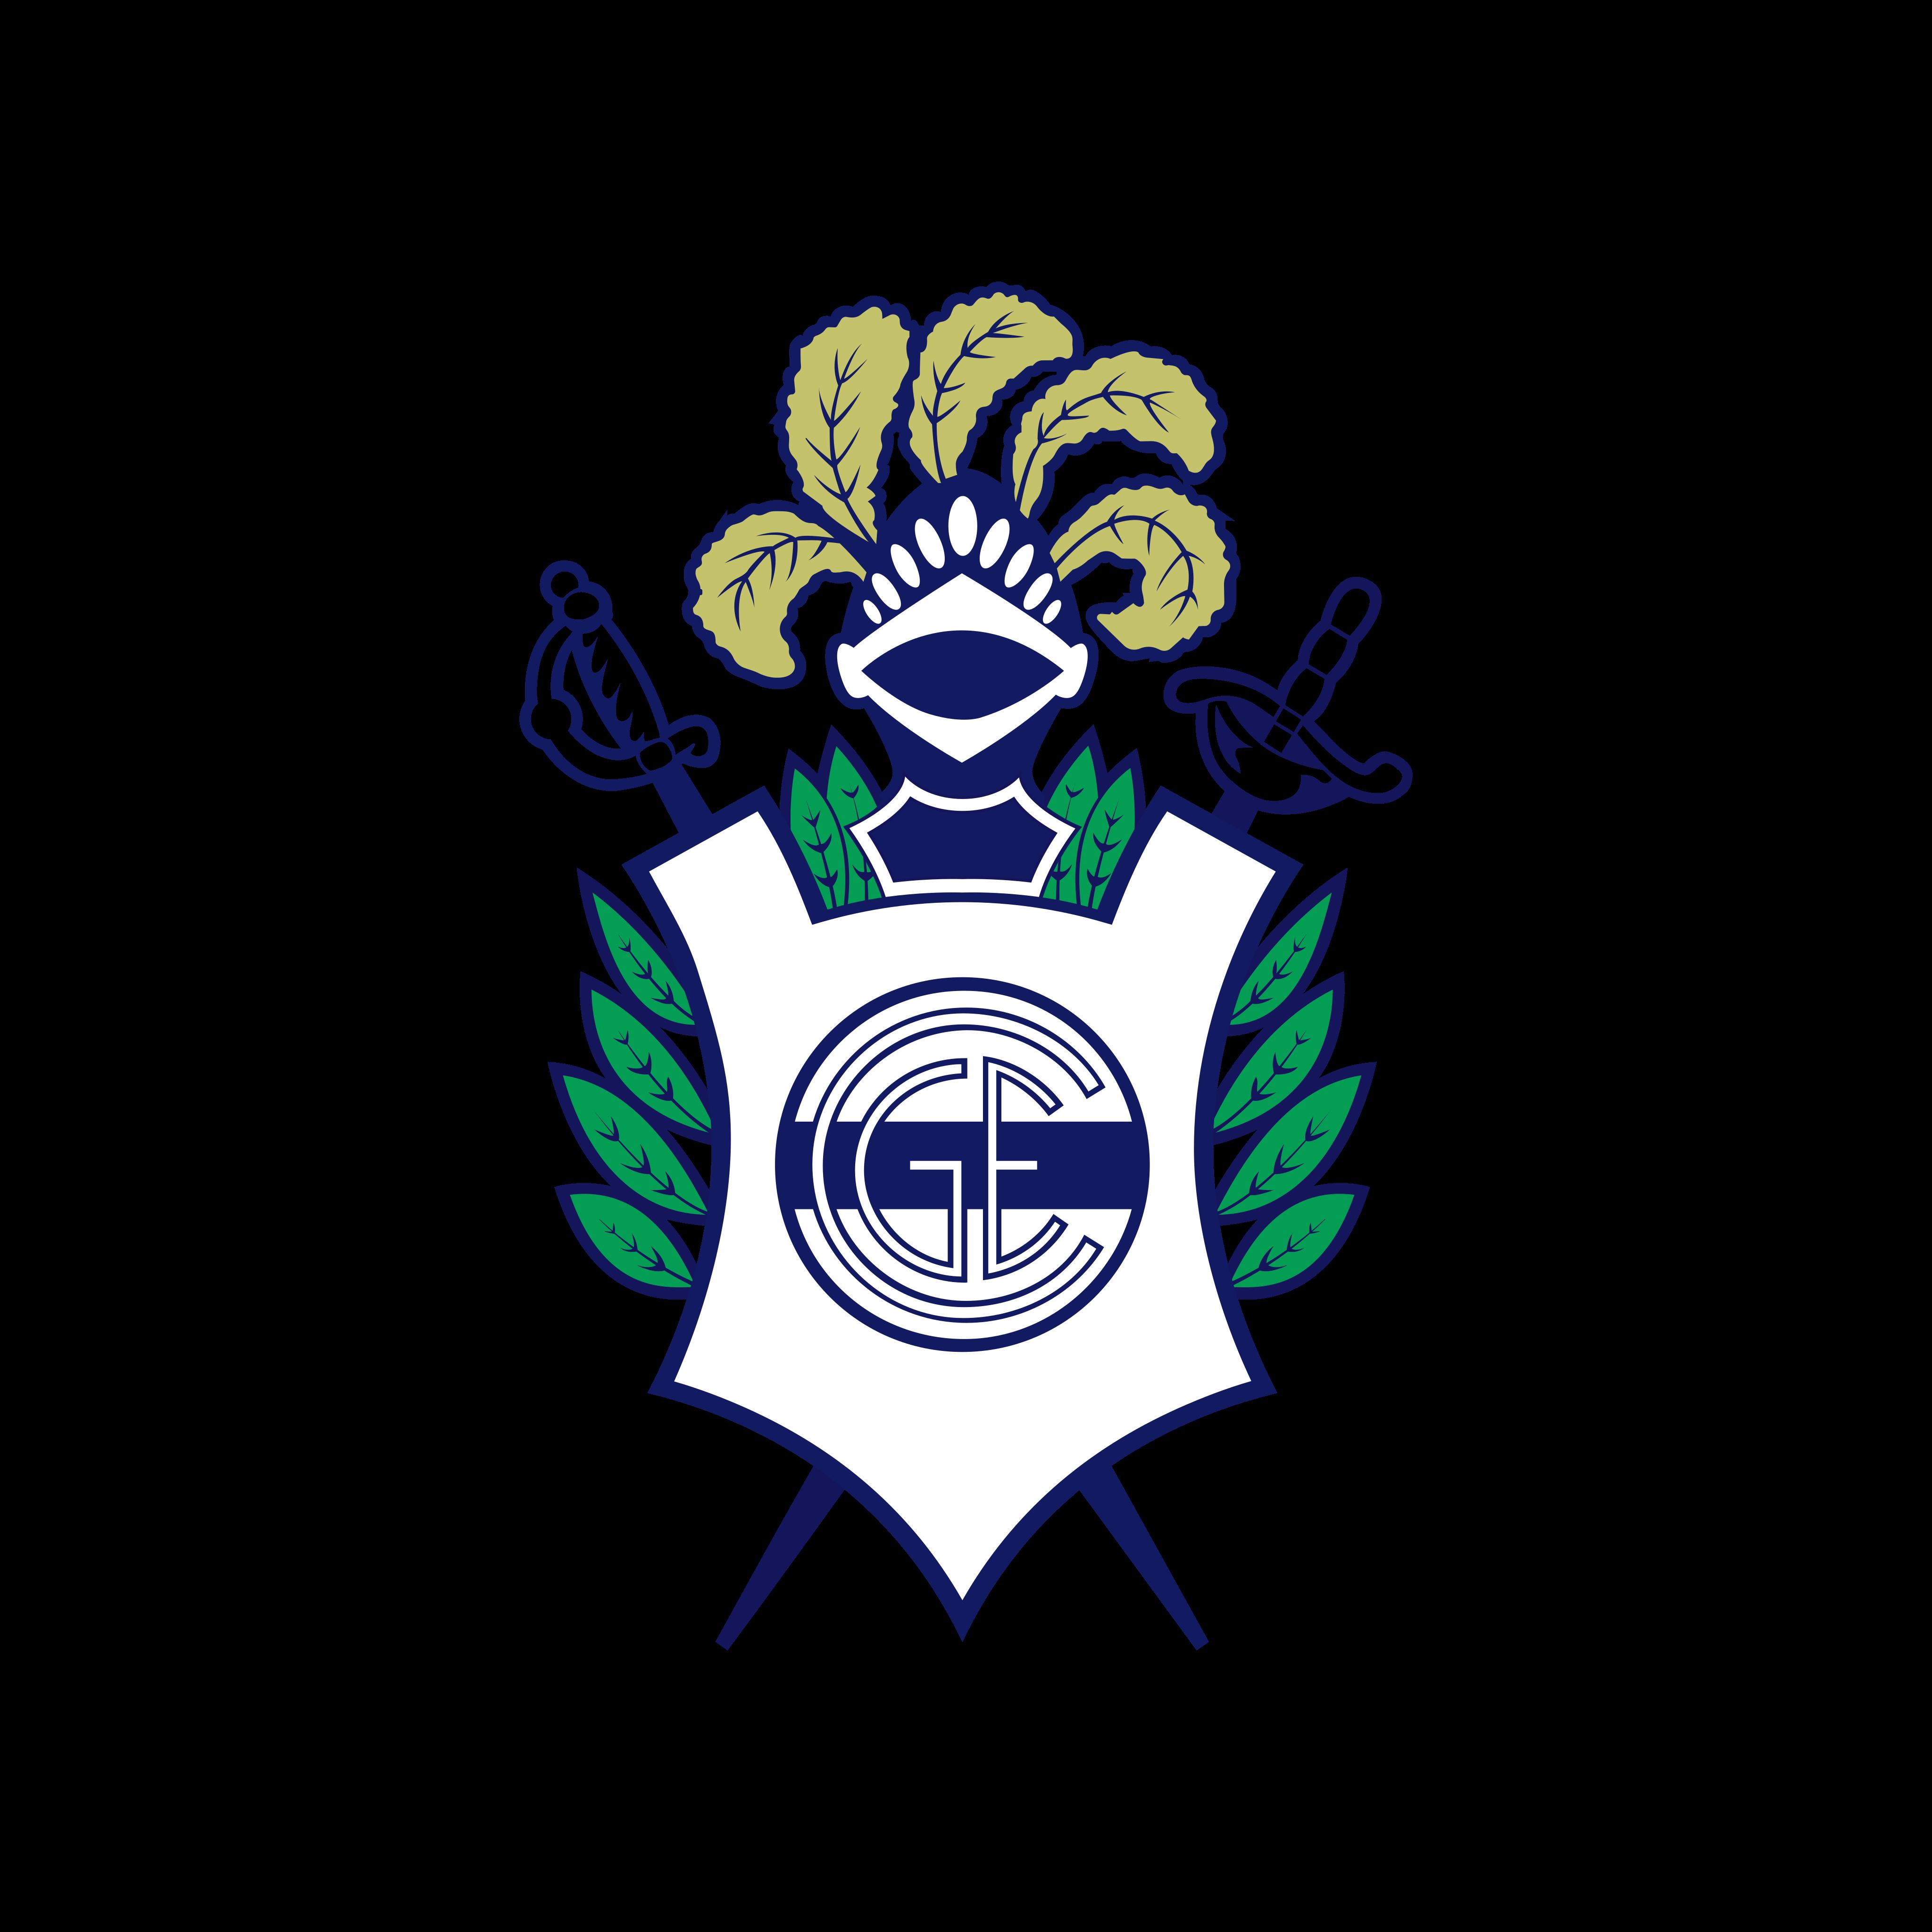 gimnasia y esgrima de la plata logo 0 - Gimnasia y Esgrima La Plata Logo